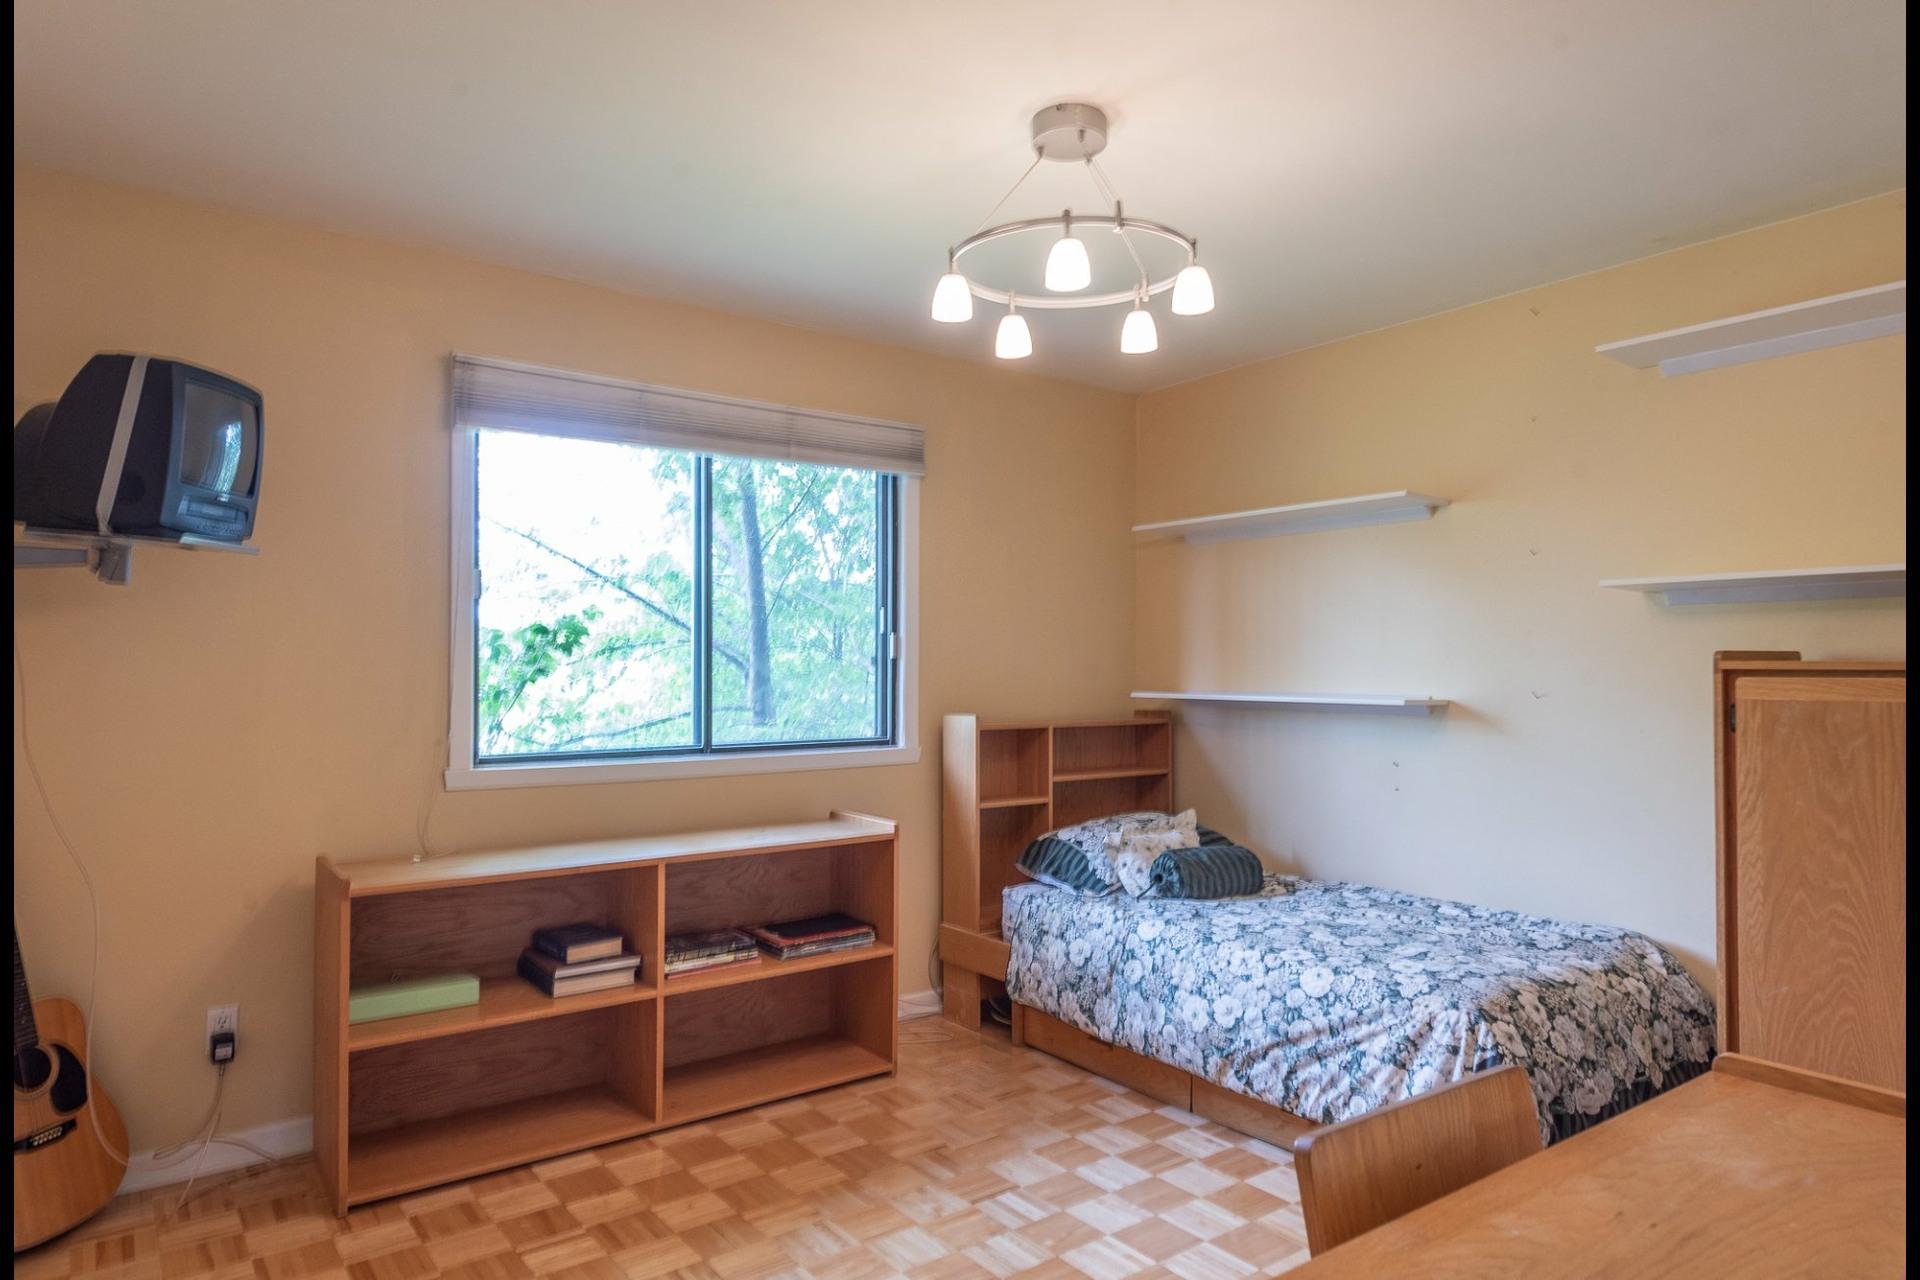 image 18 - House For sale Montréal Saint-Laurent  - 15 rooms